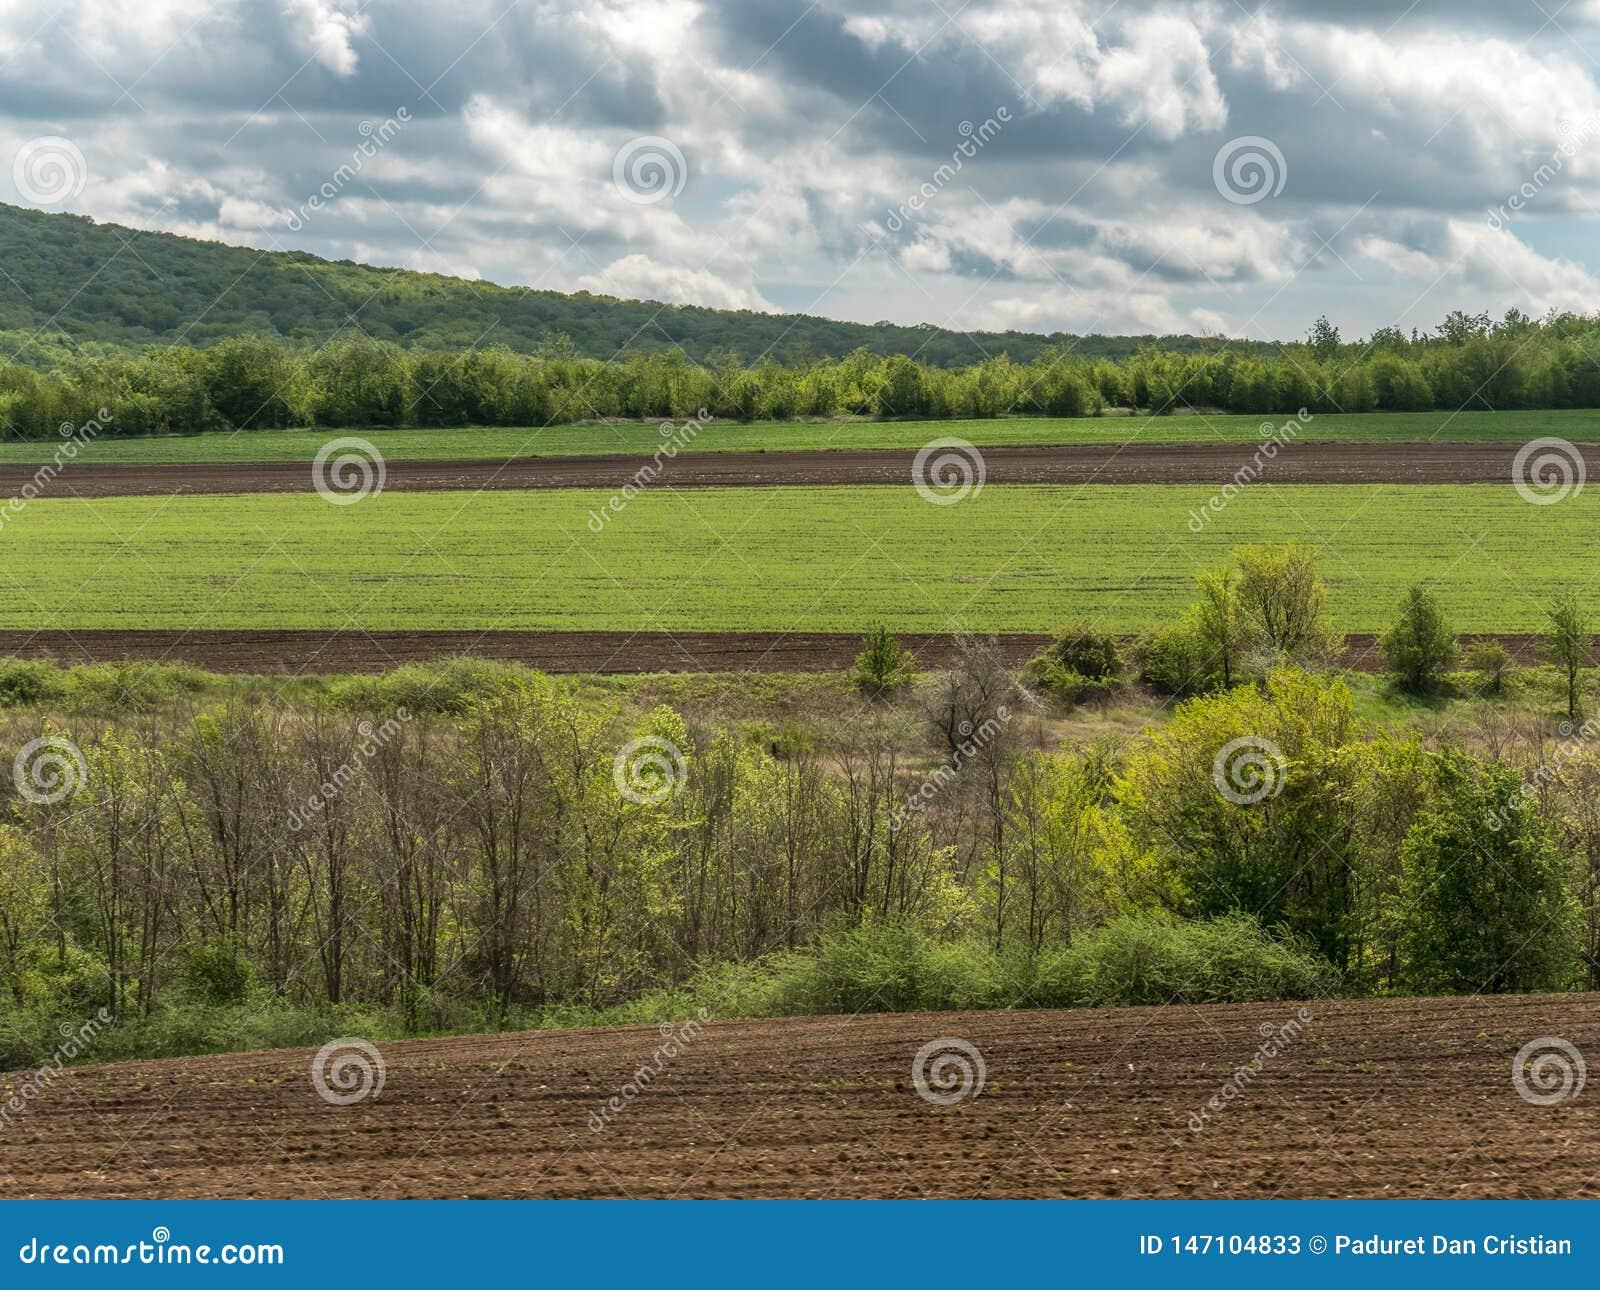 Landschaft mit Landwirtschafts-Feldern und Gr?nstreifen auf Sunny Day mit bew?lktem Himmel